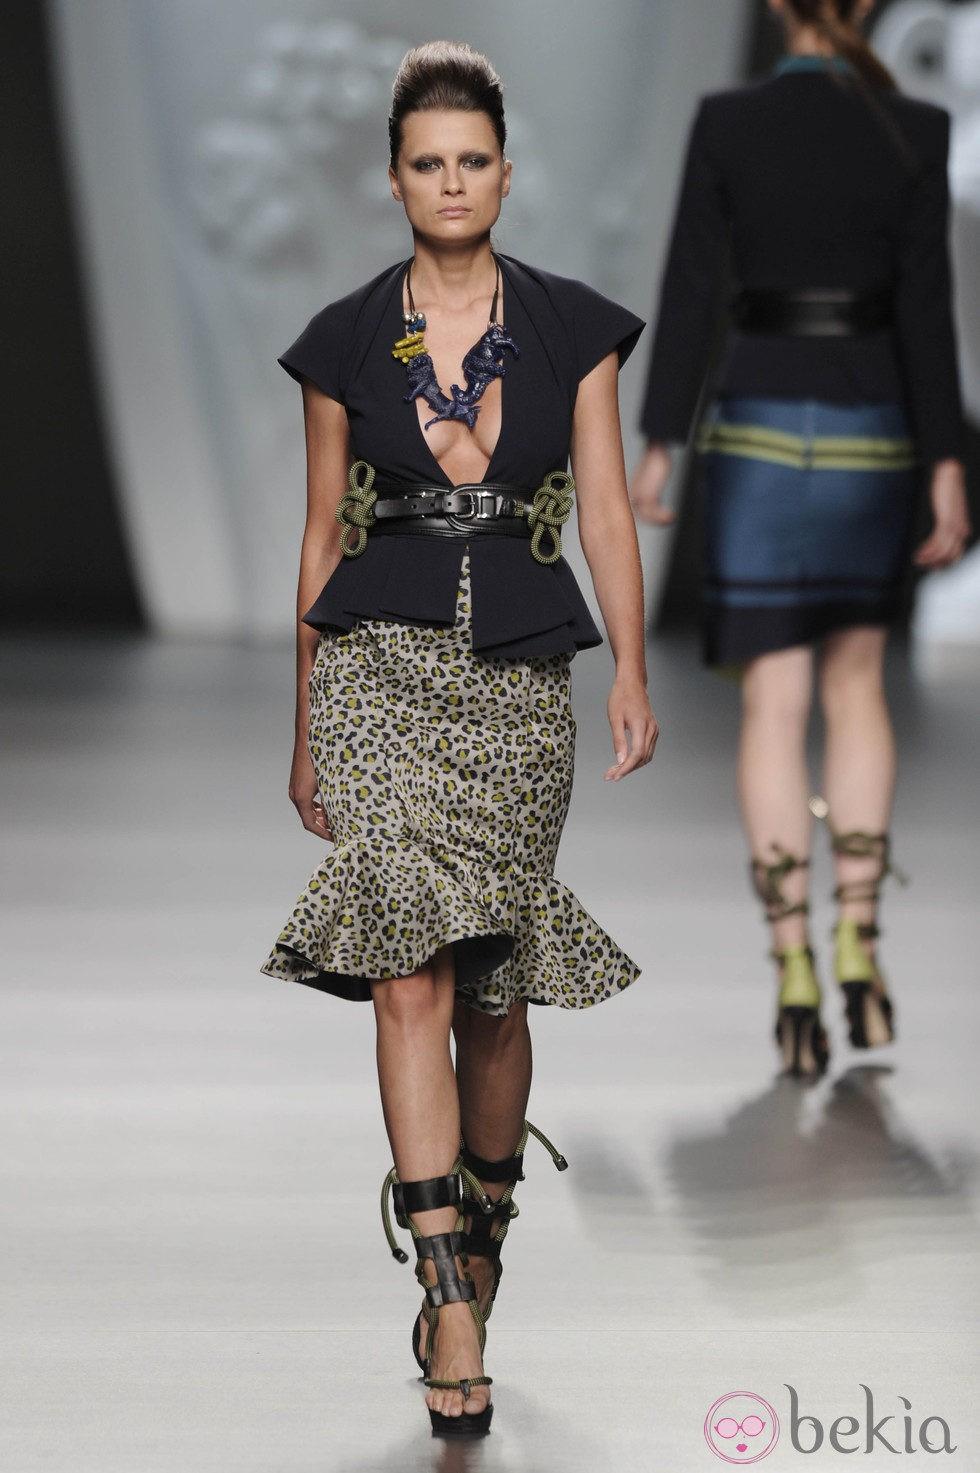 Falda leopardo y blusa de gran escote de la colección primavera-verano 2013 de Ana Locking